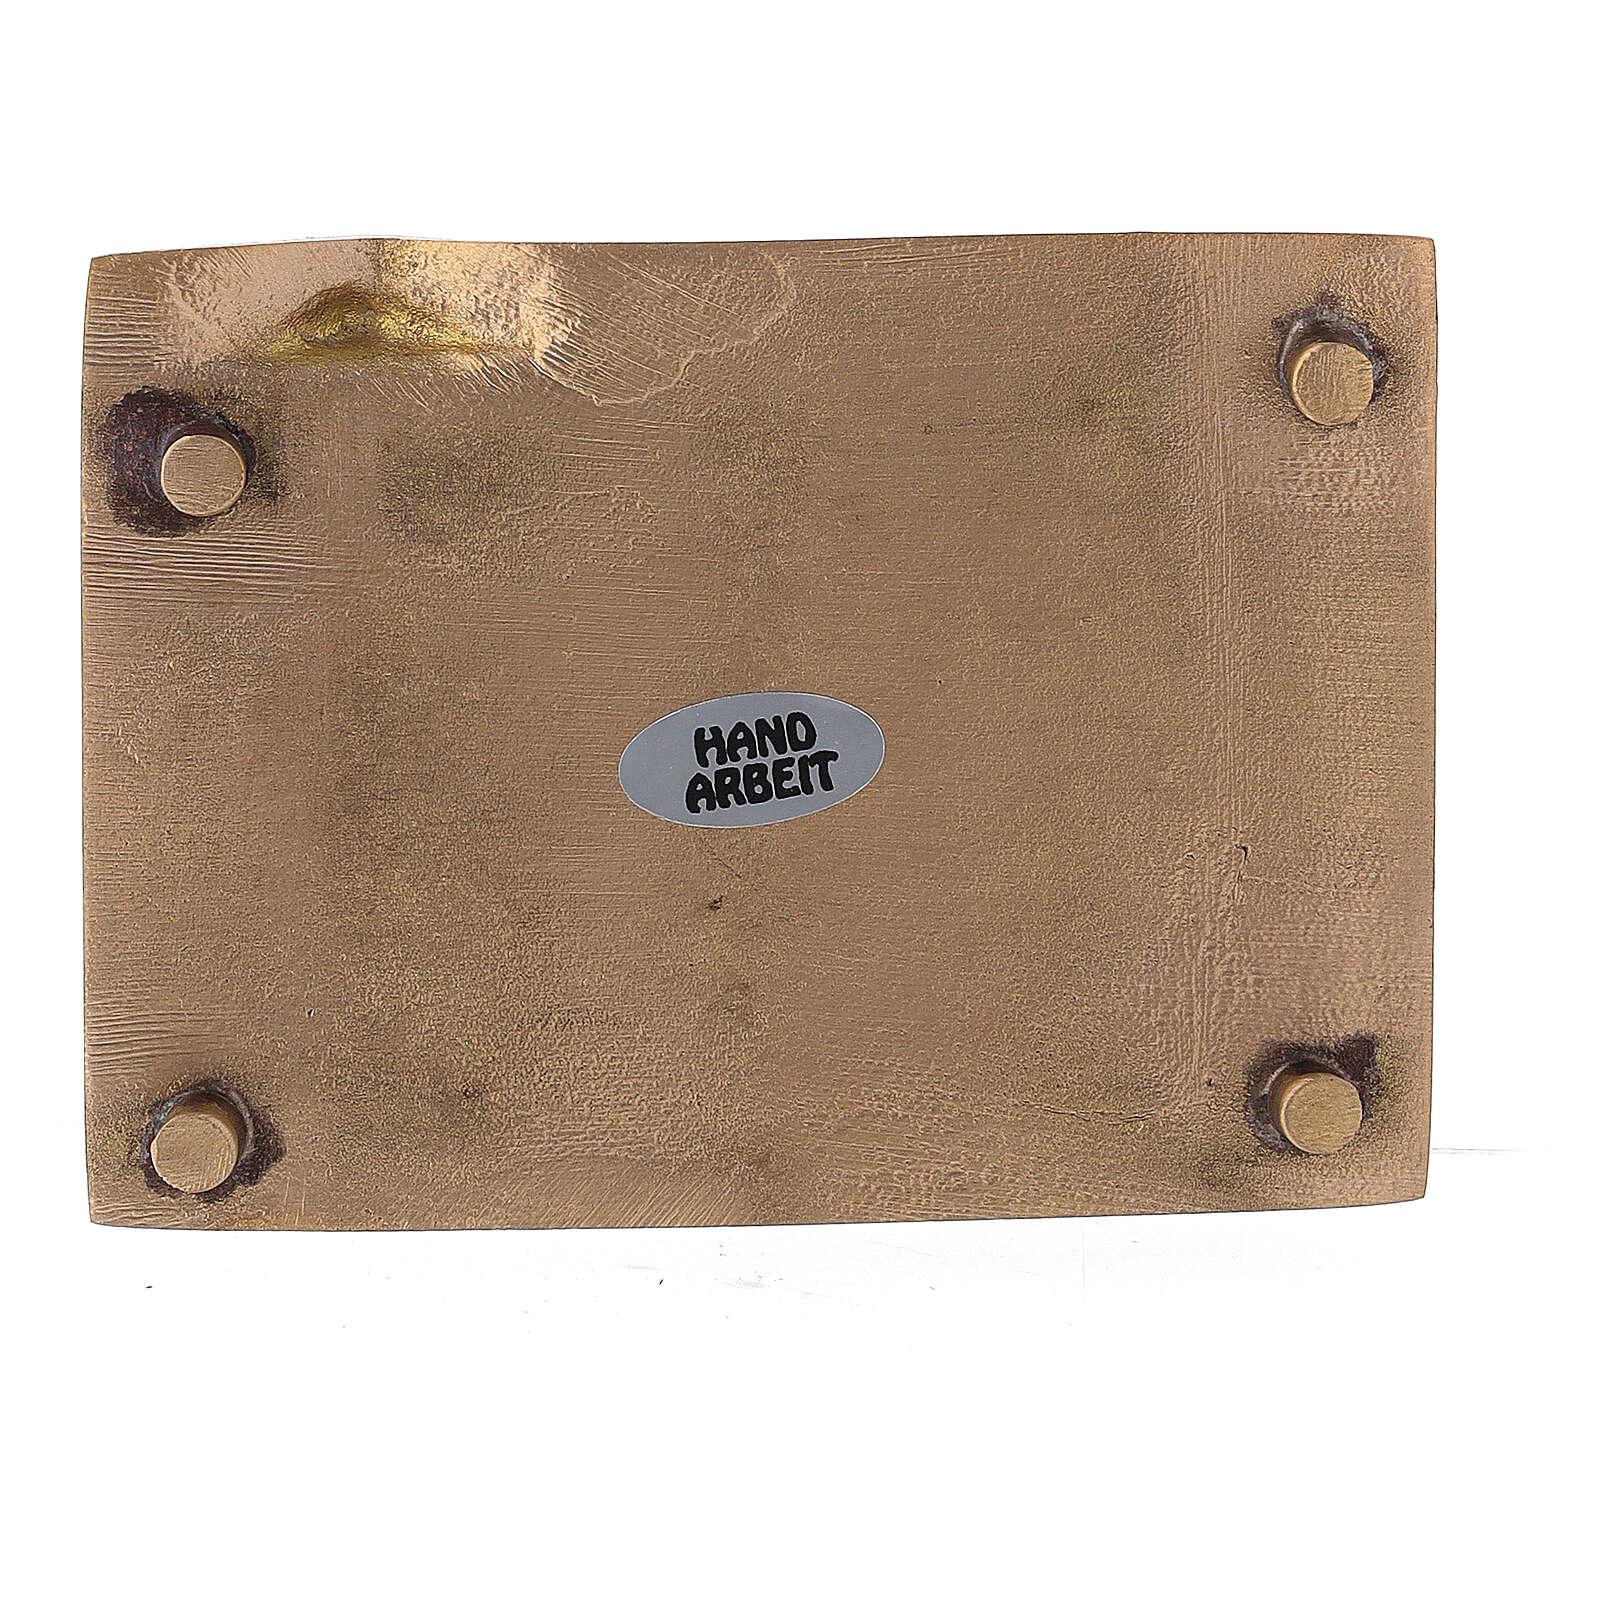 Prato porta-vela latão acetinado retangular bordo sobreelevado 9x6 cm 3